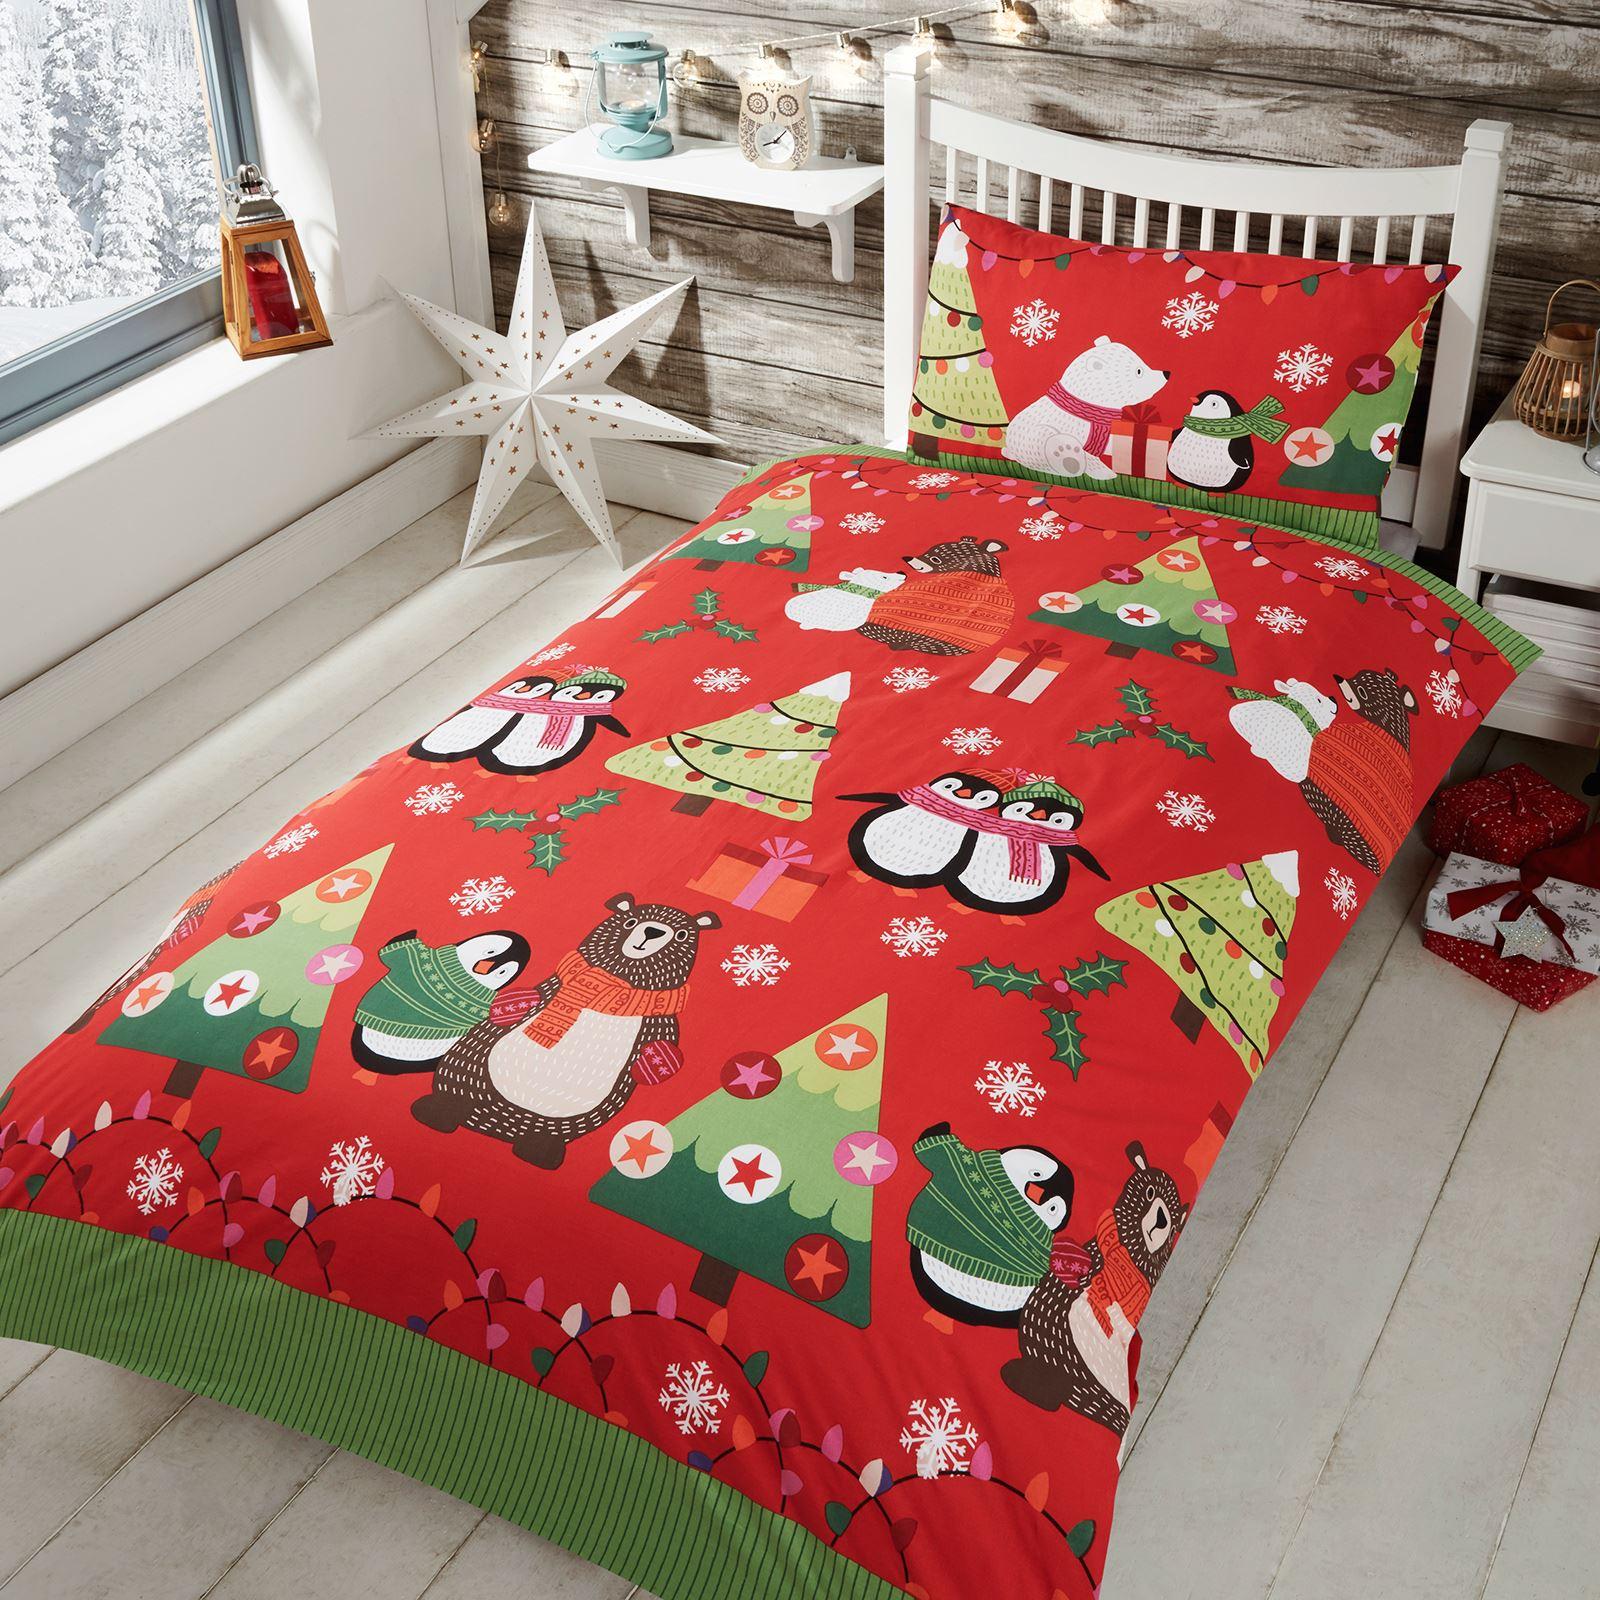 Indexbild 103 - Kinder Weihnachten Bettbezug Sets - Junior Einzel Doppel King - Elf Emoji Grinch